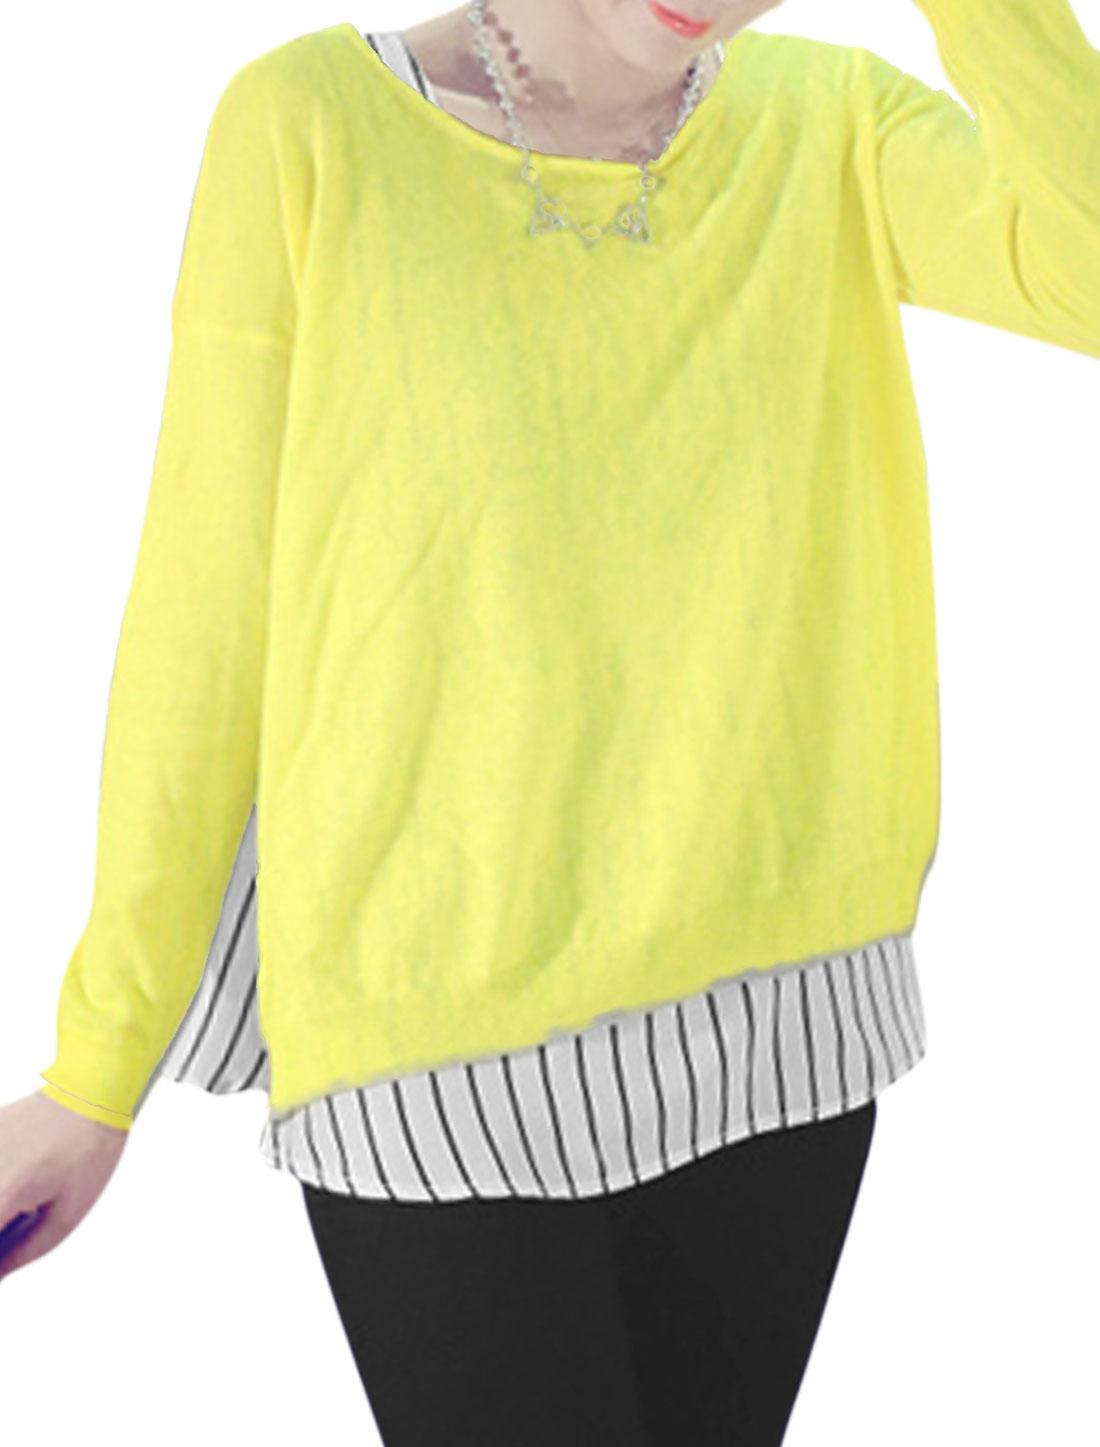 Women Vent Side Knit Shirt w Bar Striped Tank Top Yellow White XS